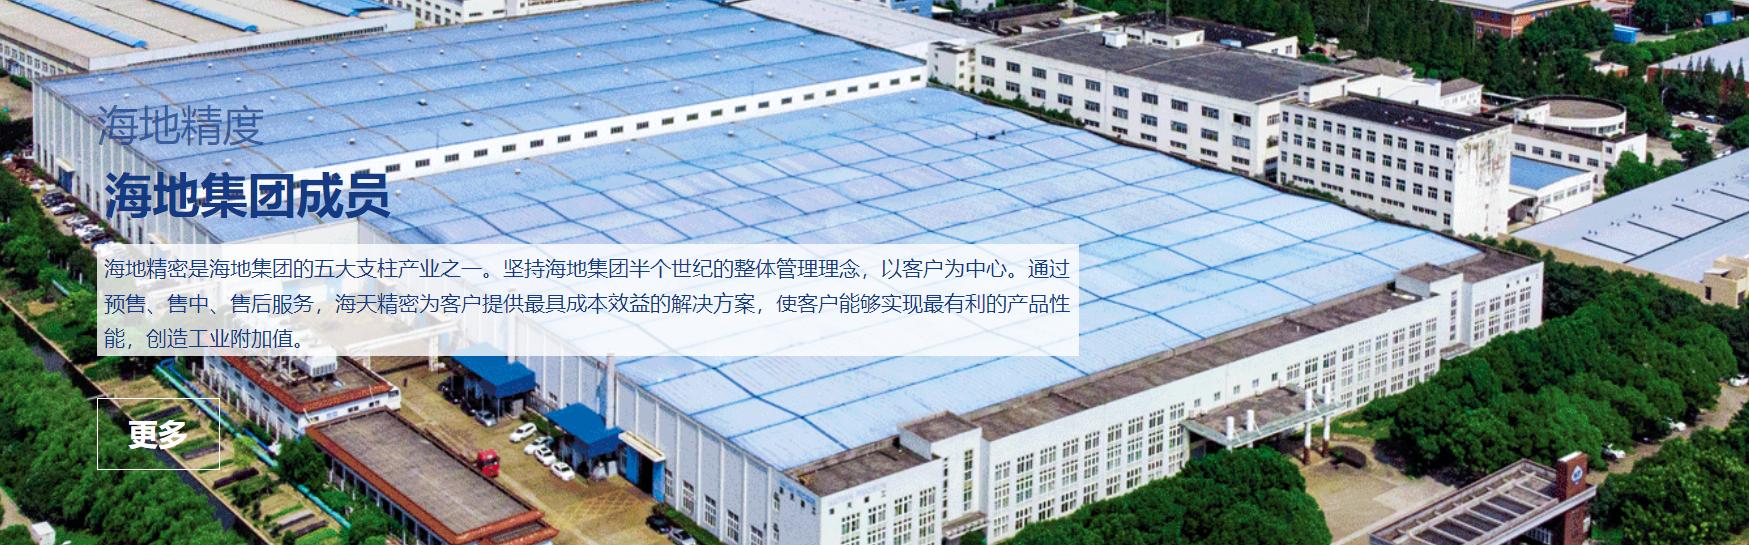 宁波海天精工股份有限公司